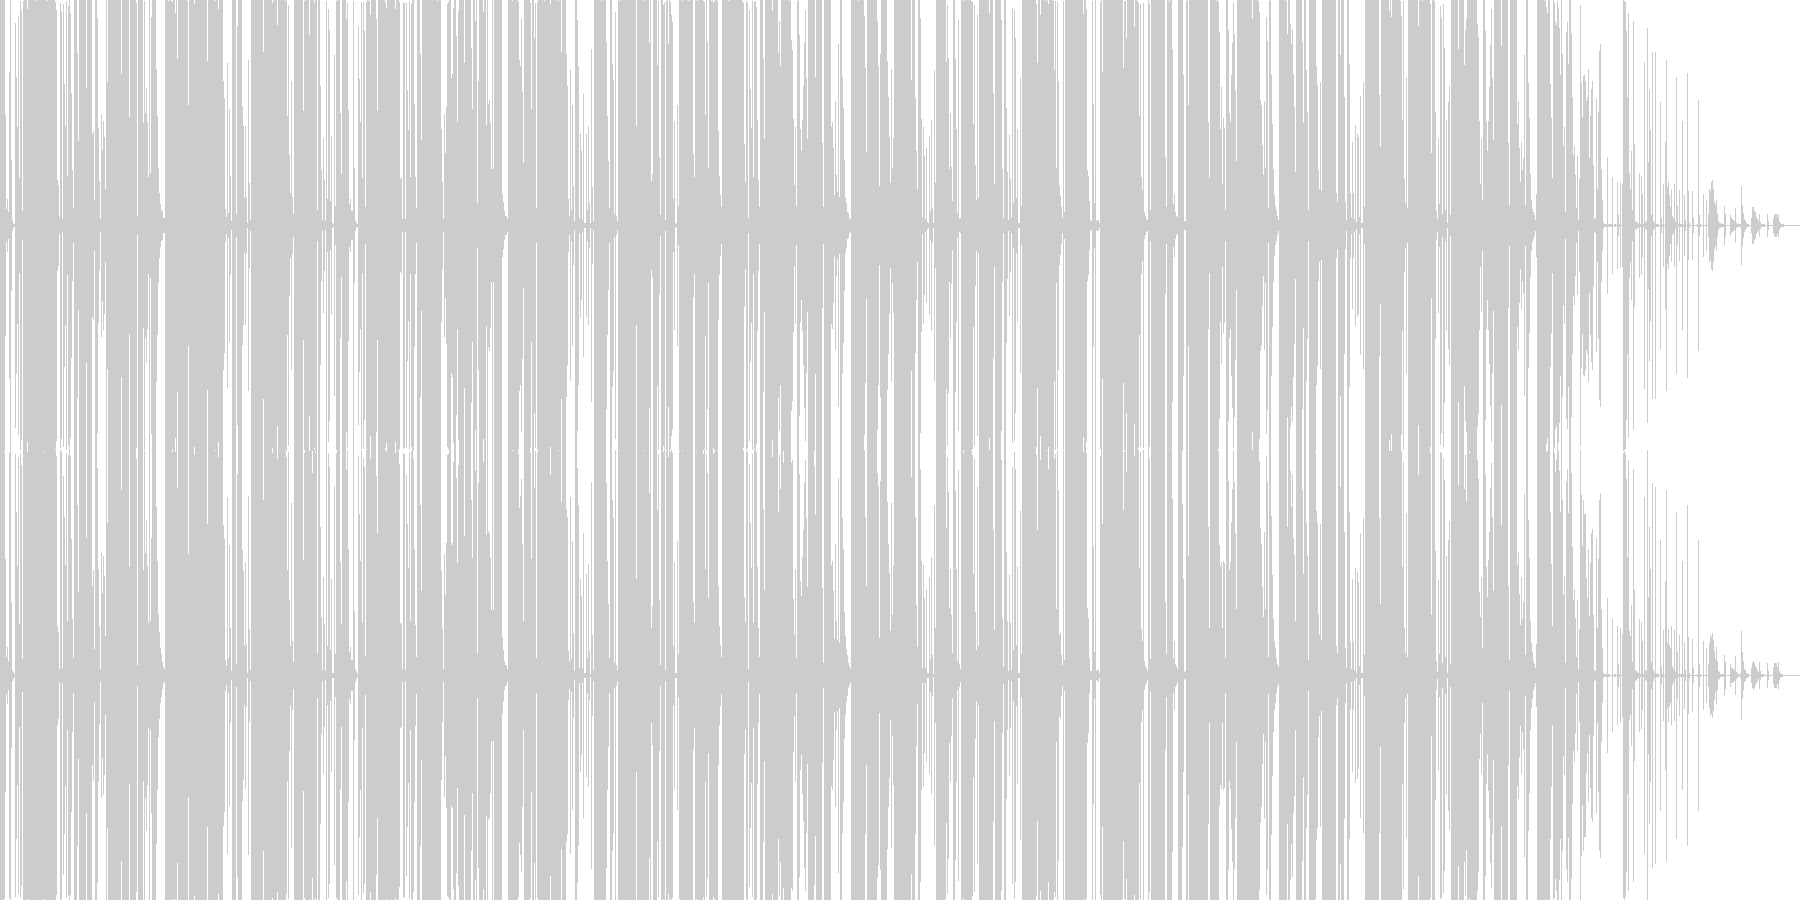 かっこいいマシンビートの未再生の波形